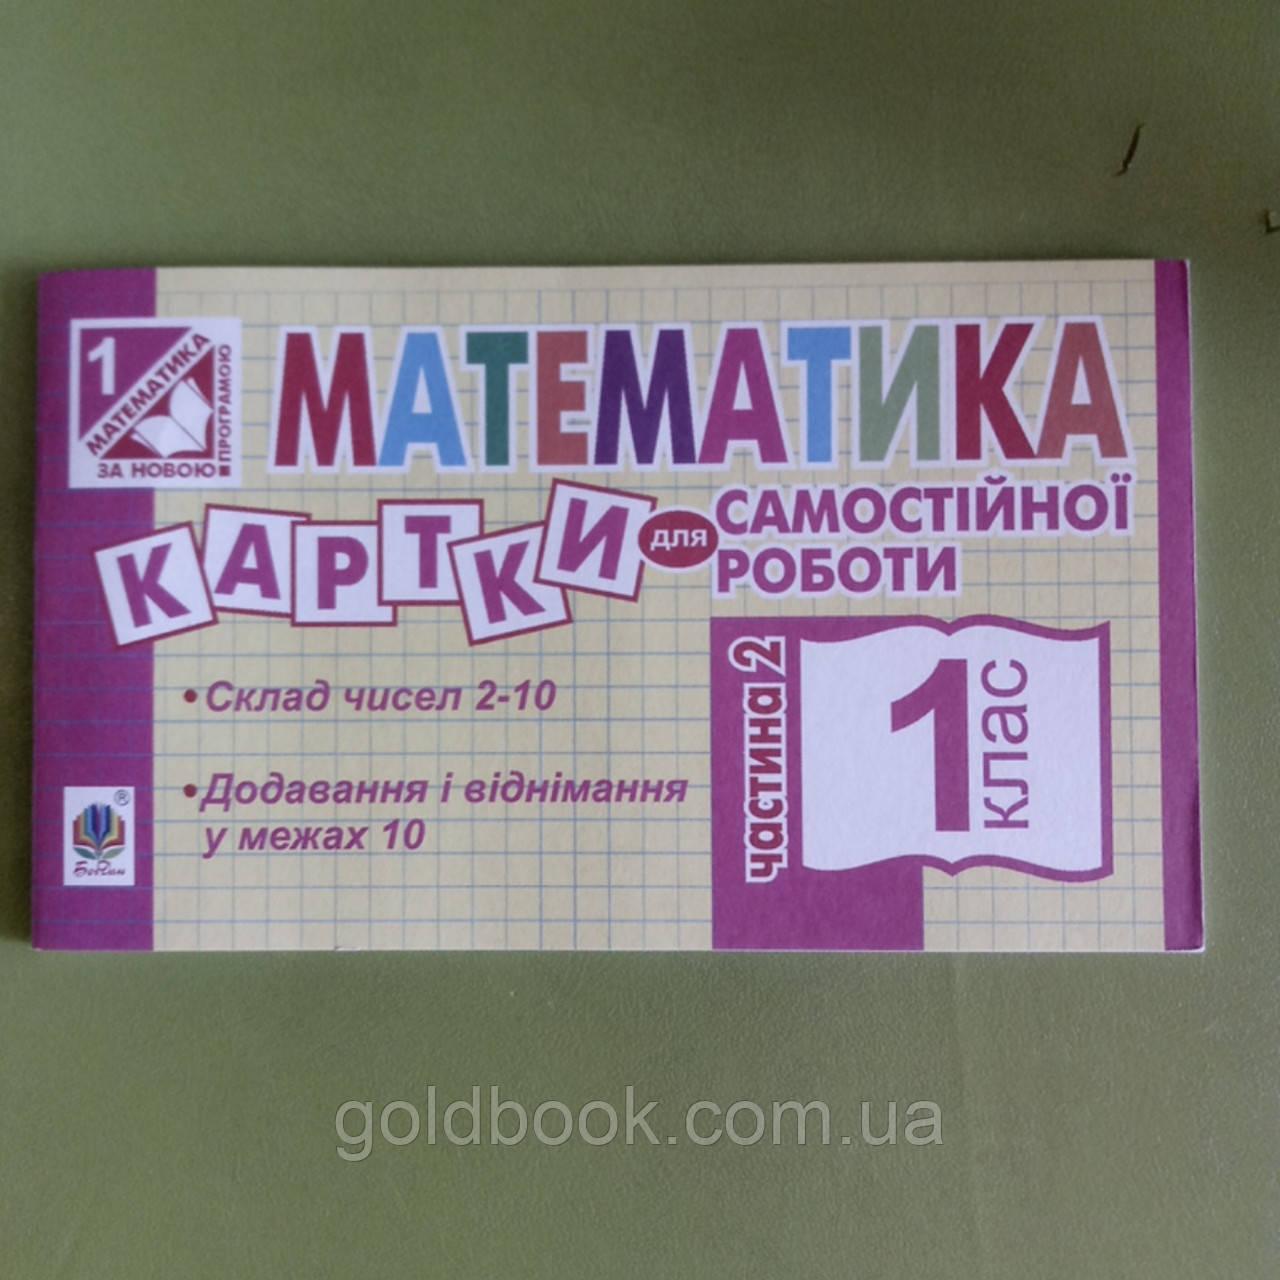 Математика 1 клас, картки для самостійної роботи, 2 частина.